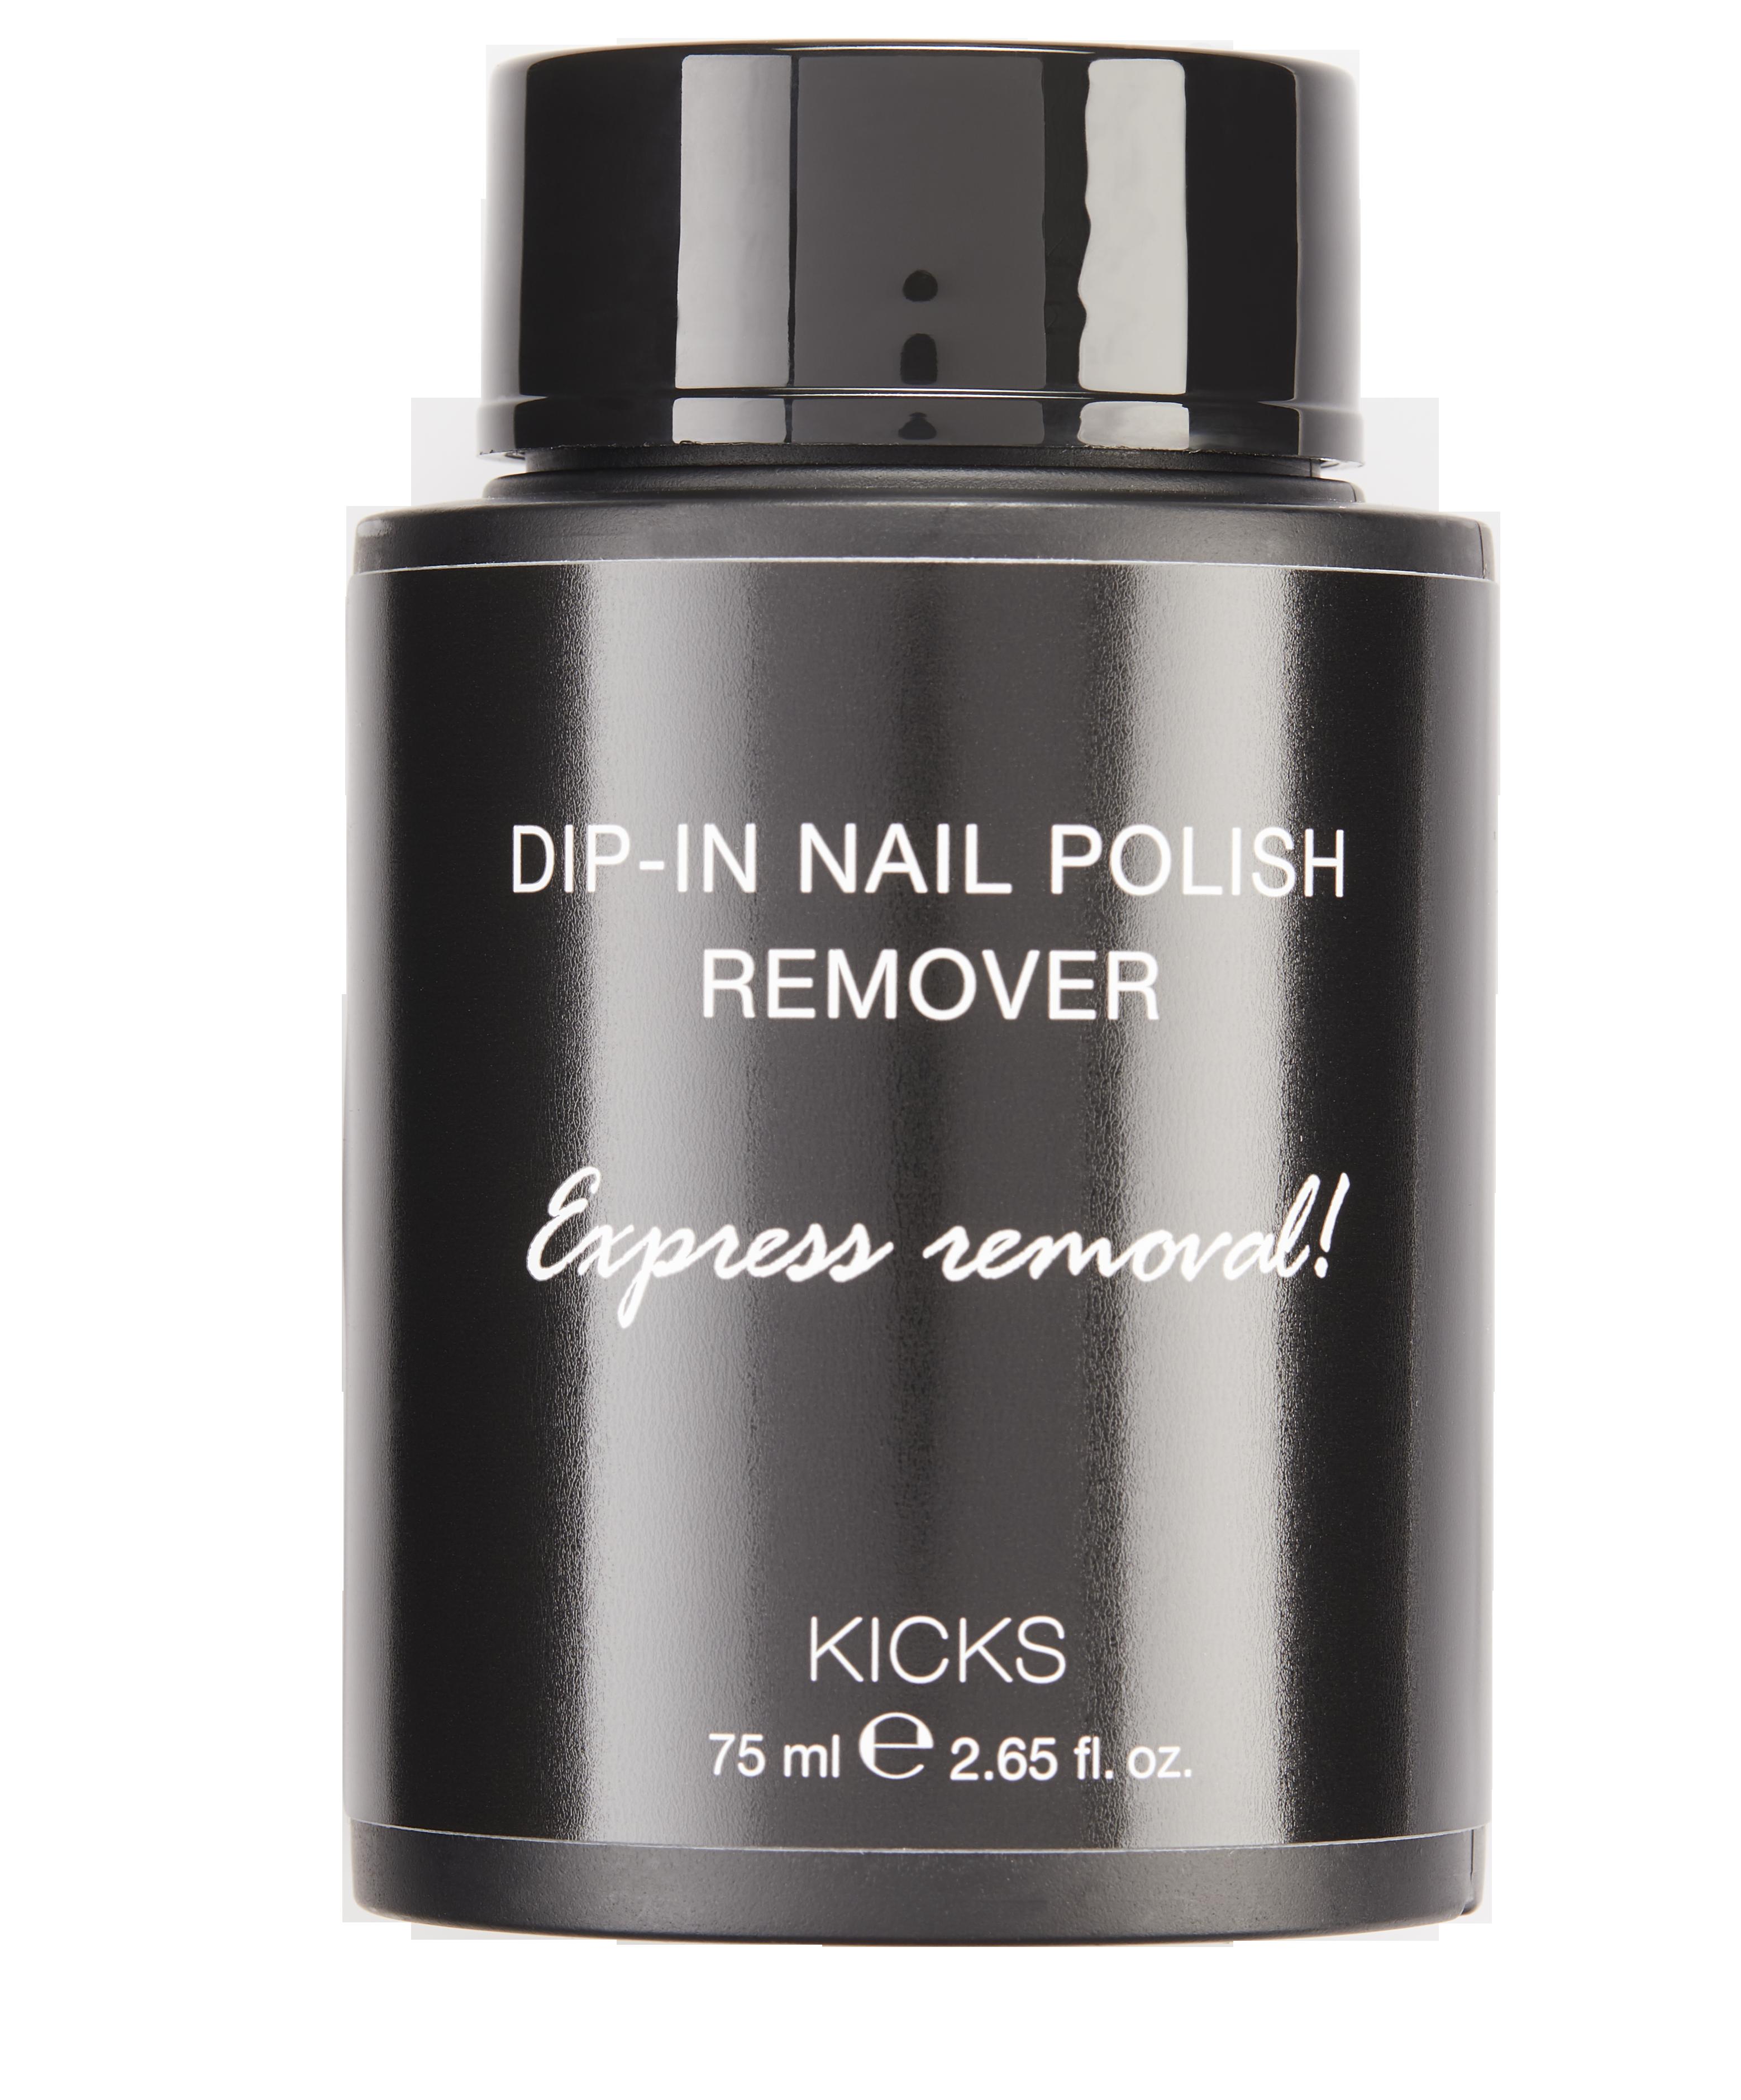 Dip-in Nail Polish Remover